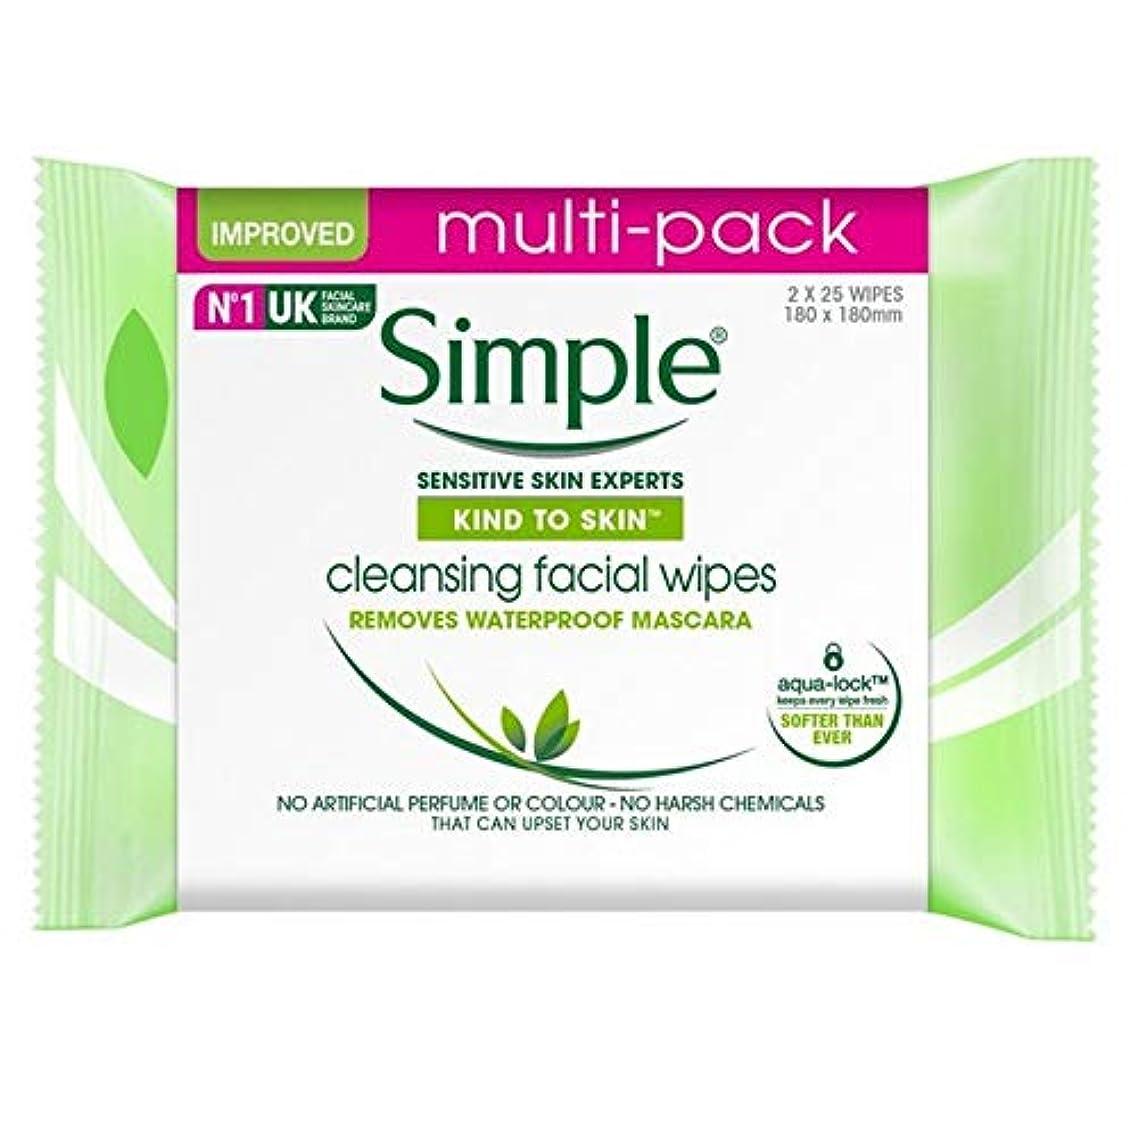 ただやる経験者義務づける[Simple ] 肌のクレンジングフェイシャルワイプ2×25パックあたりに簡単な種類 - Simple Kind To Skin Cleansing Facial Wipes 2 x 25 per pack [並行輸入品]